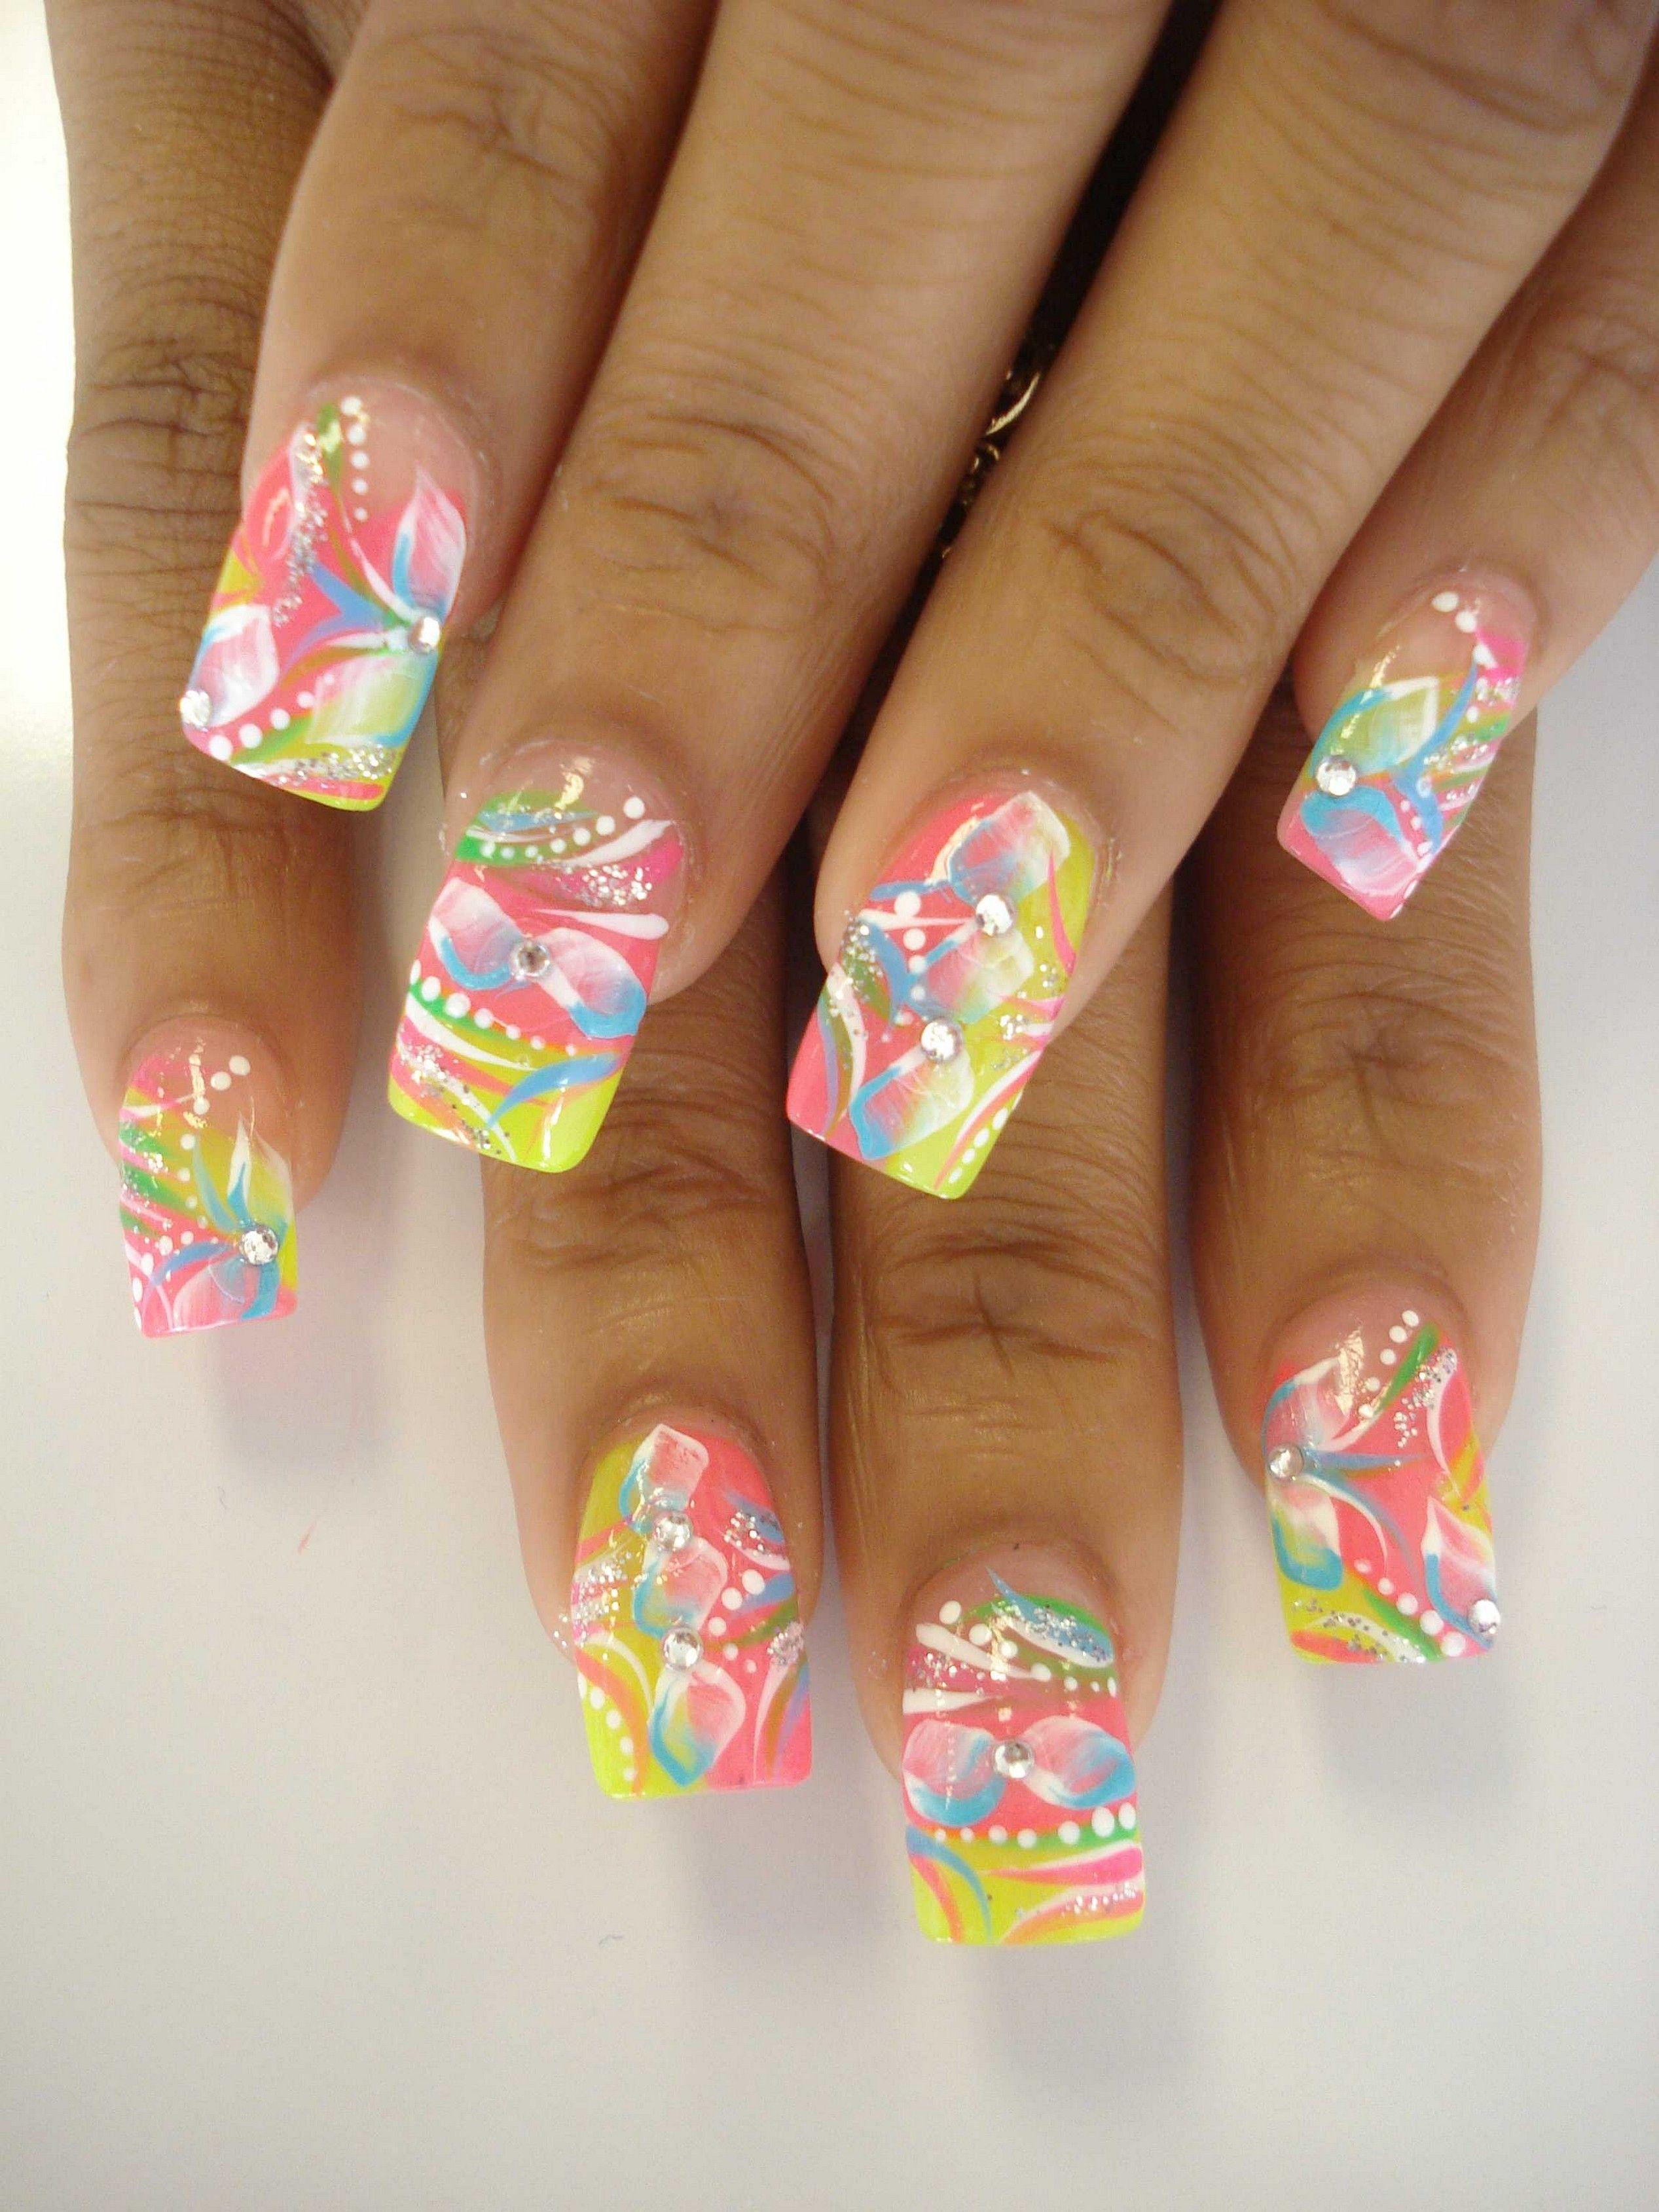 Summer Nail Tip Designs Fake Nail Designs Tips | nails | Pinterest ...